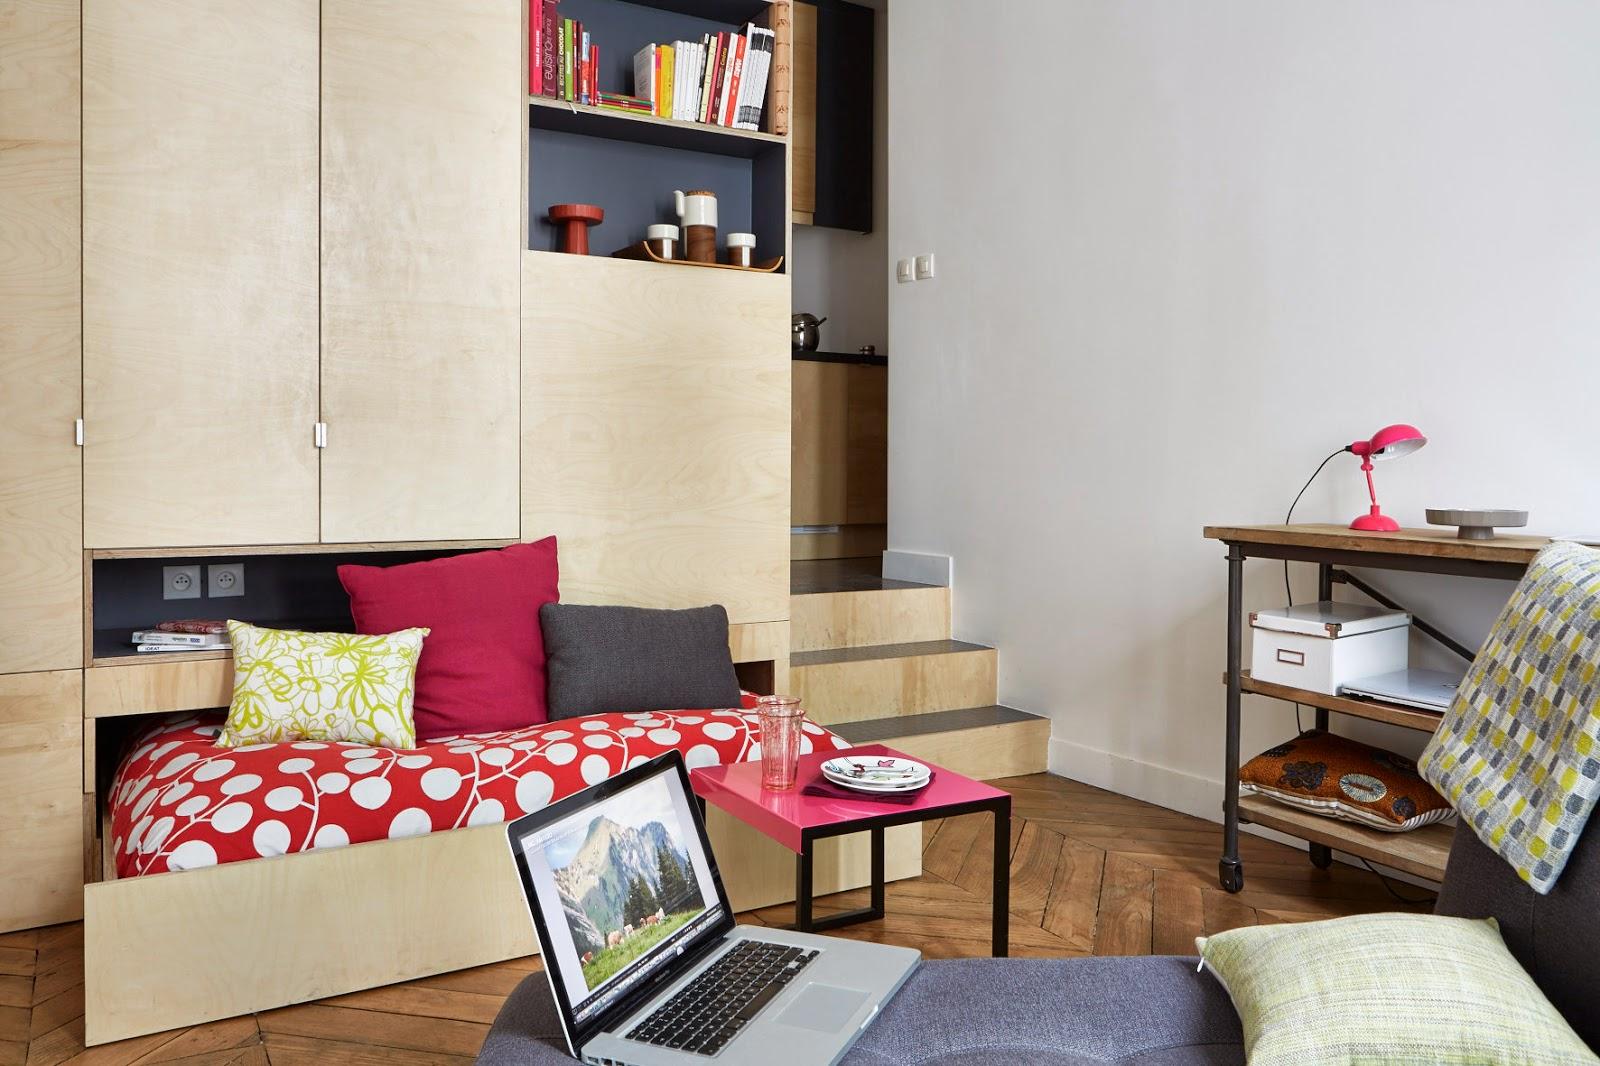 agencement petit appartement dedans petit appartement styl et bien agenc madame dcore with. Black Bedroom Furniture Sets. Home Design Ideas